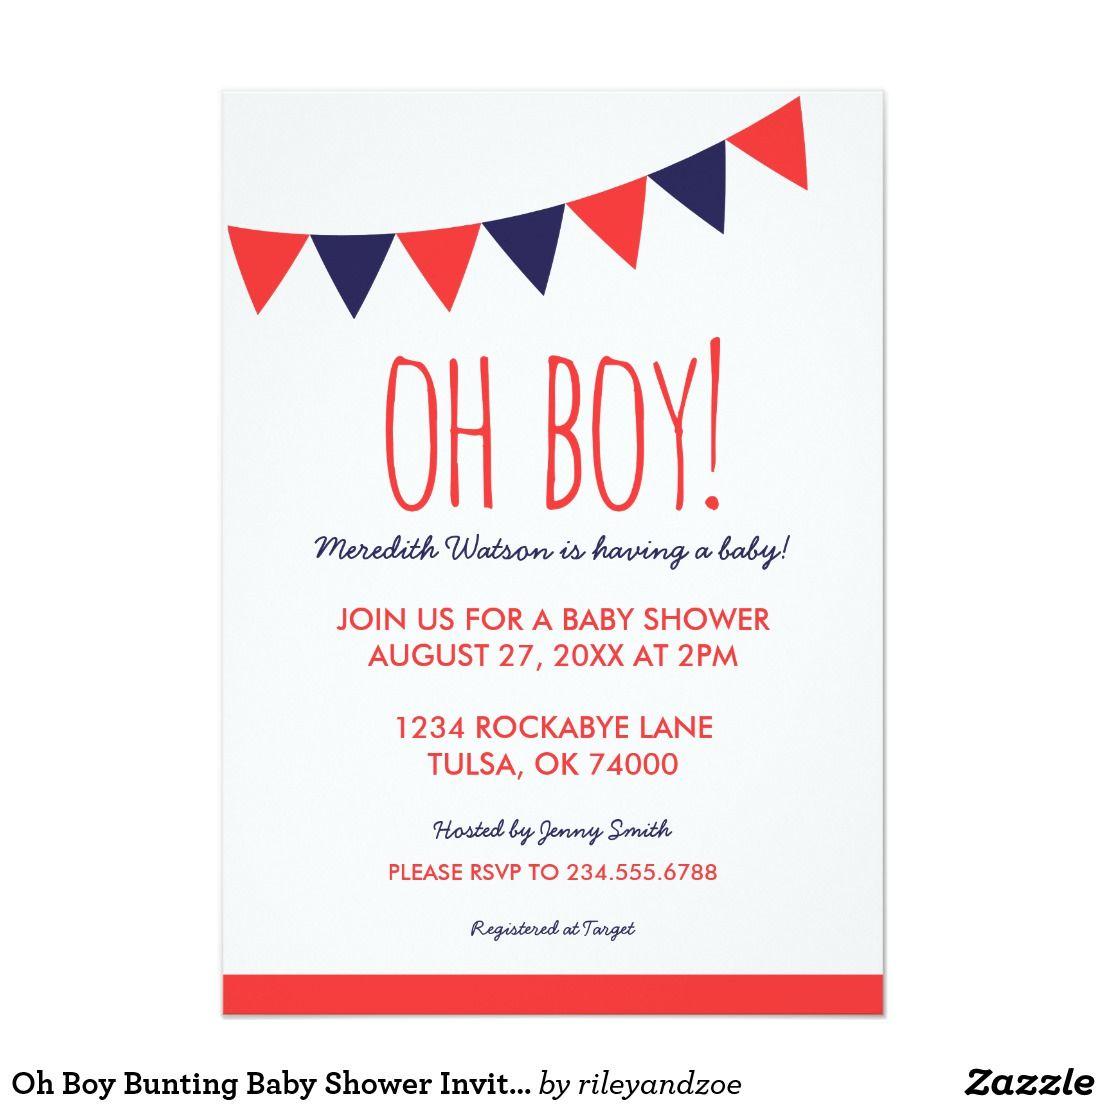 Oh Boy Bunting Baby Shower Invitation Cute simple modern boy baby ...